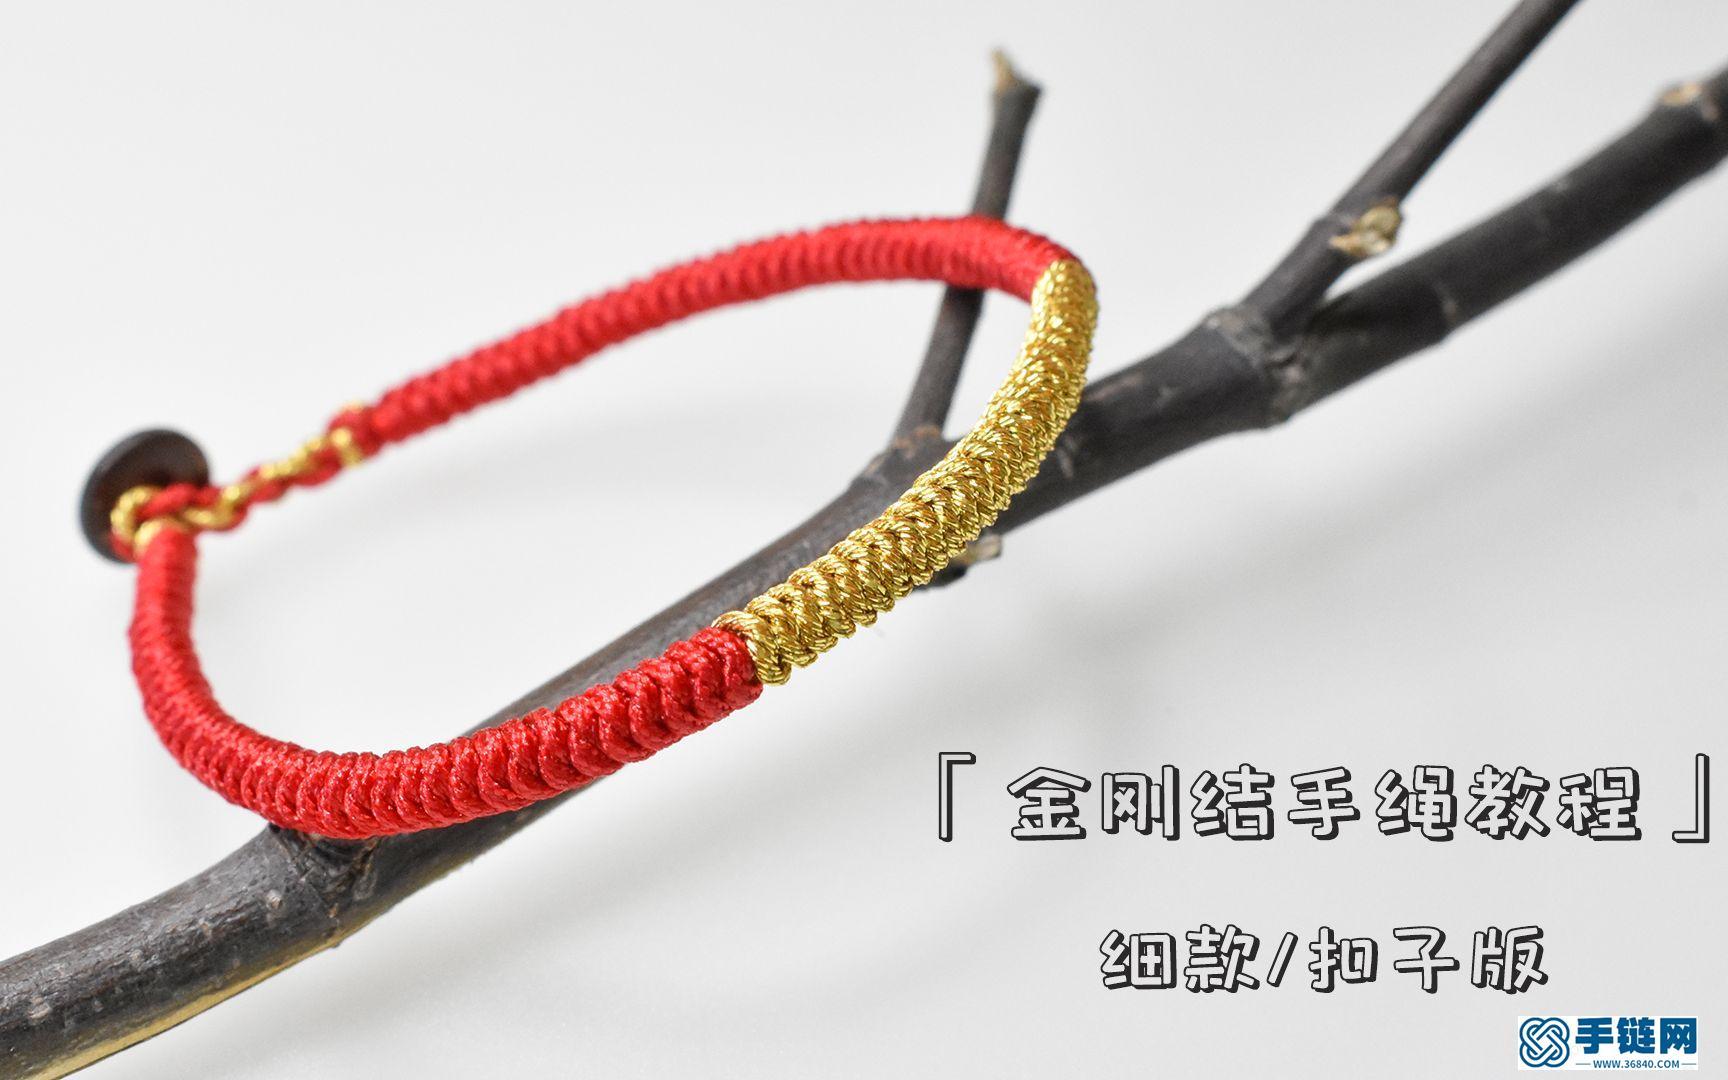 手工编绳金刚结手绳教程 用玉线编织的细版金刚结~编绳基础入门款